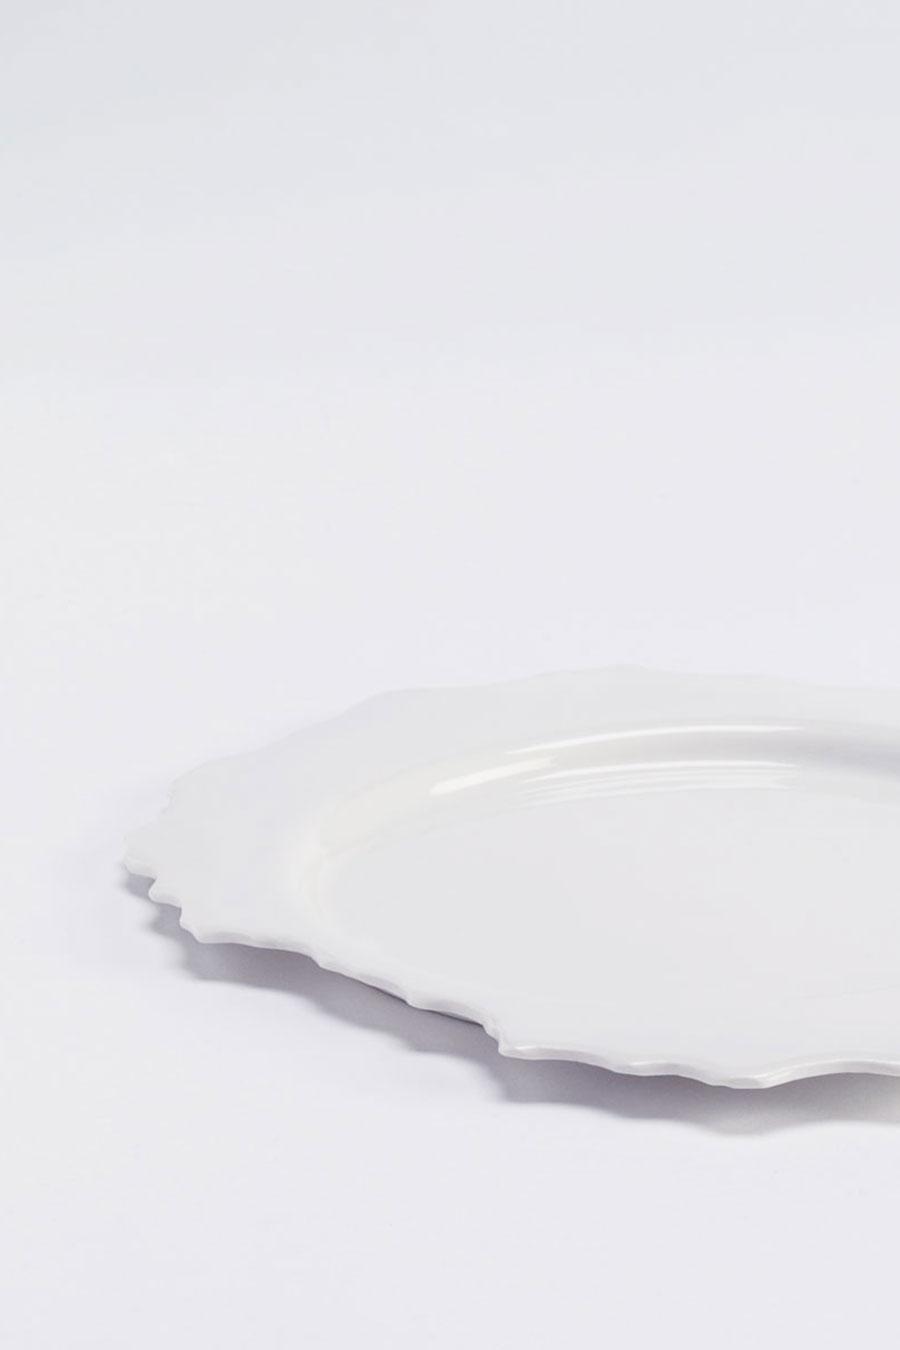 Teller S White